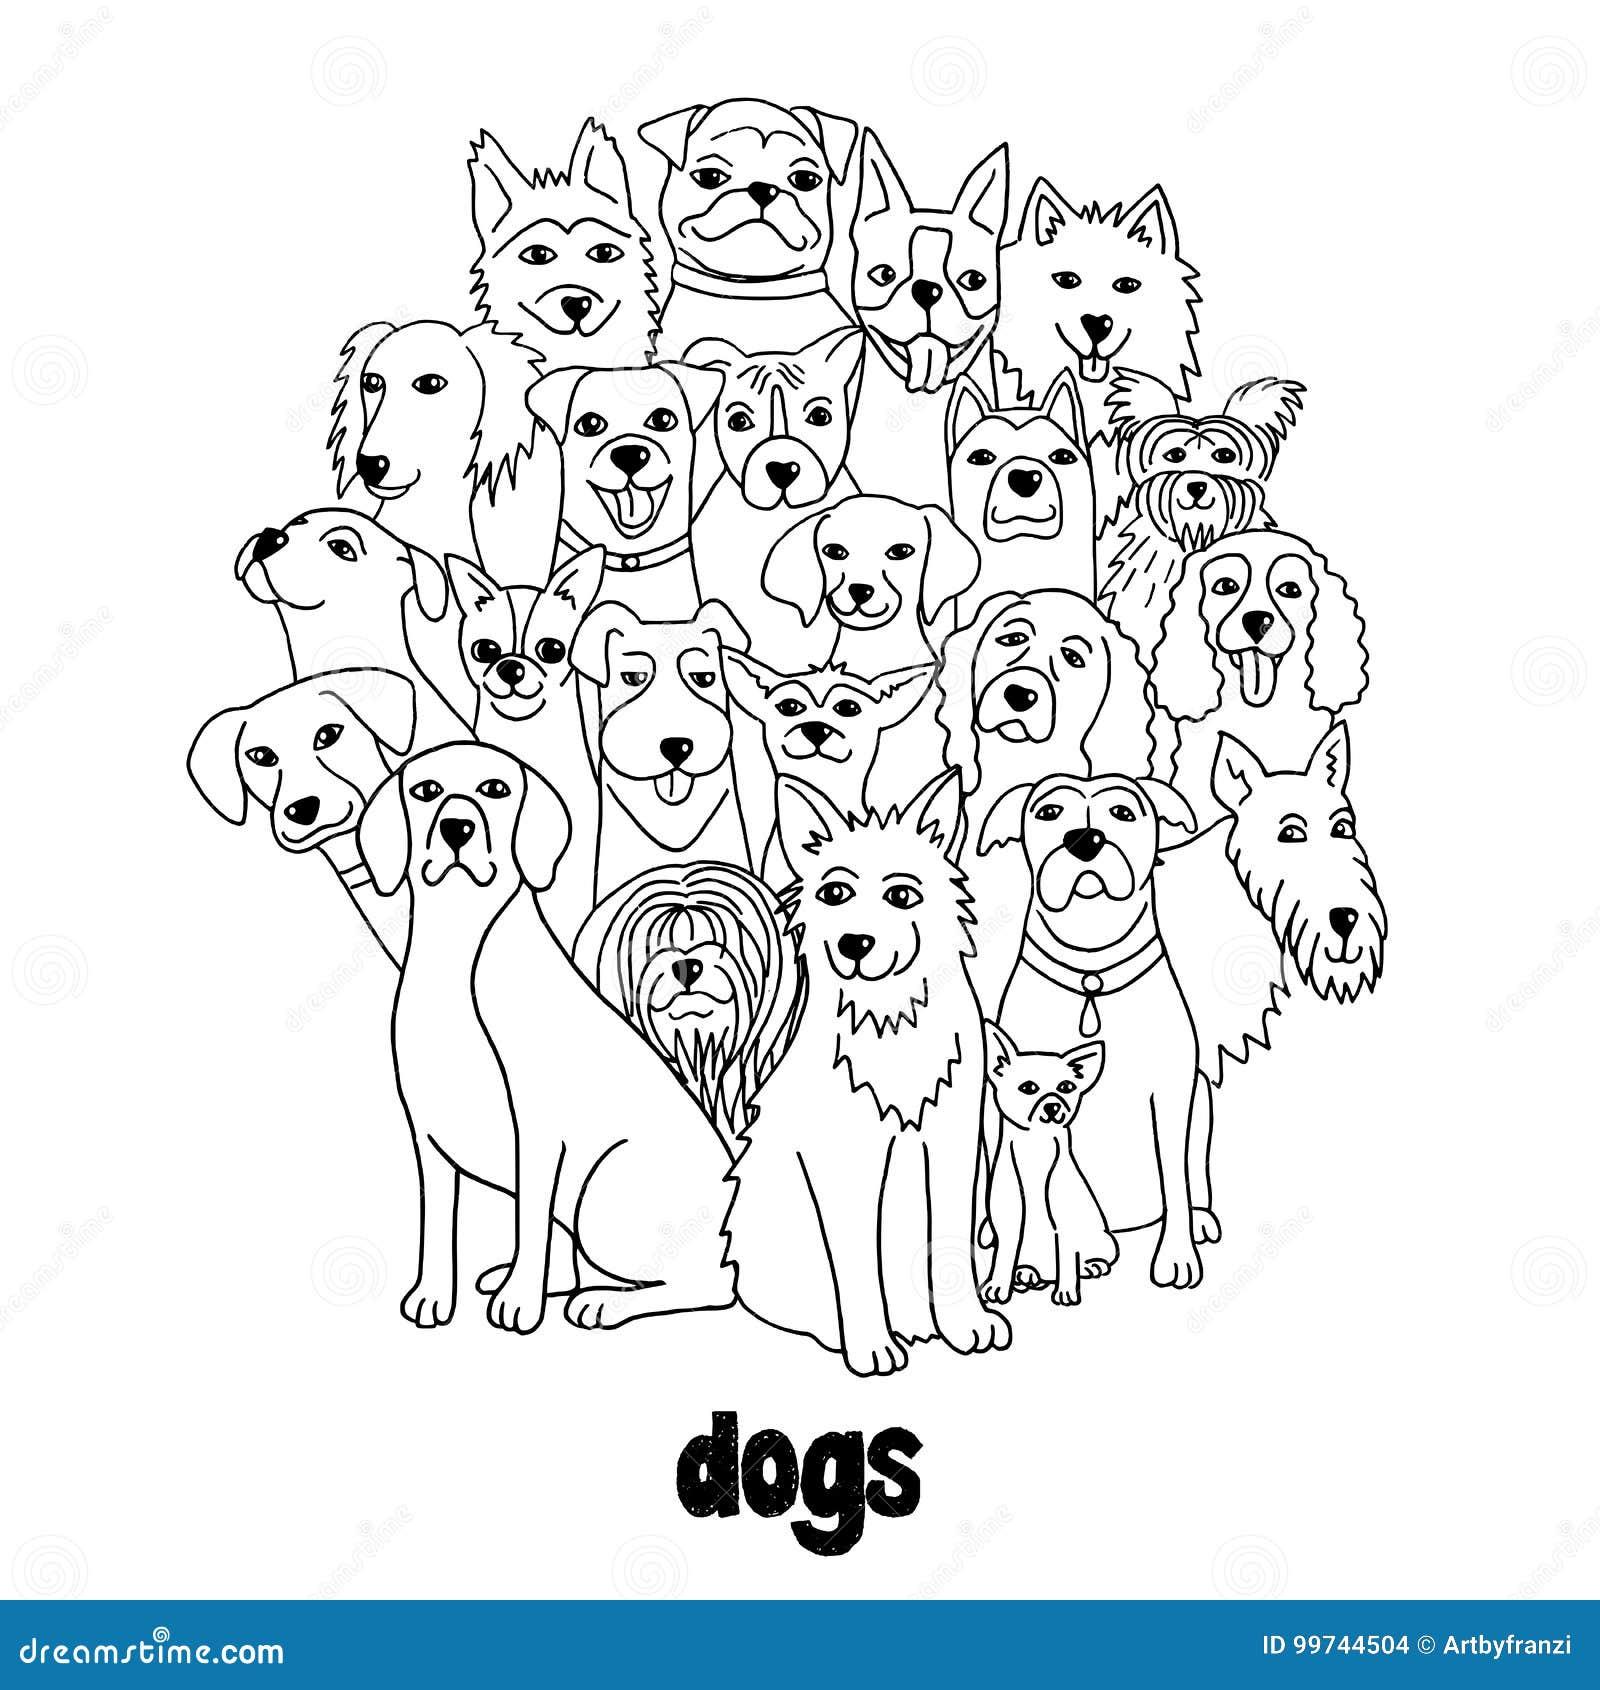 ρωσικός κόσμος αγριοτήτων φύσης ομάδας σκυλιών